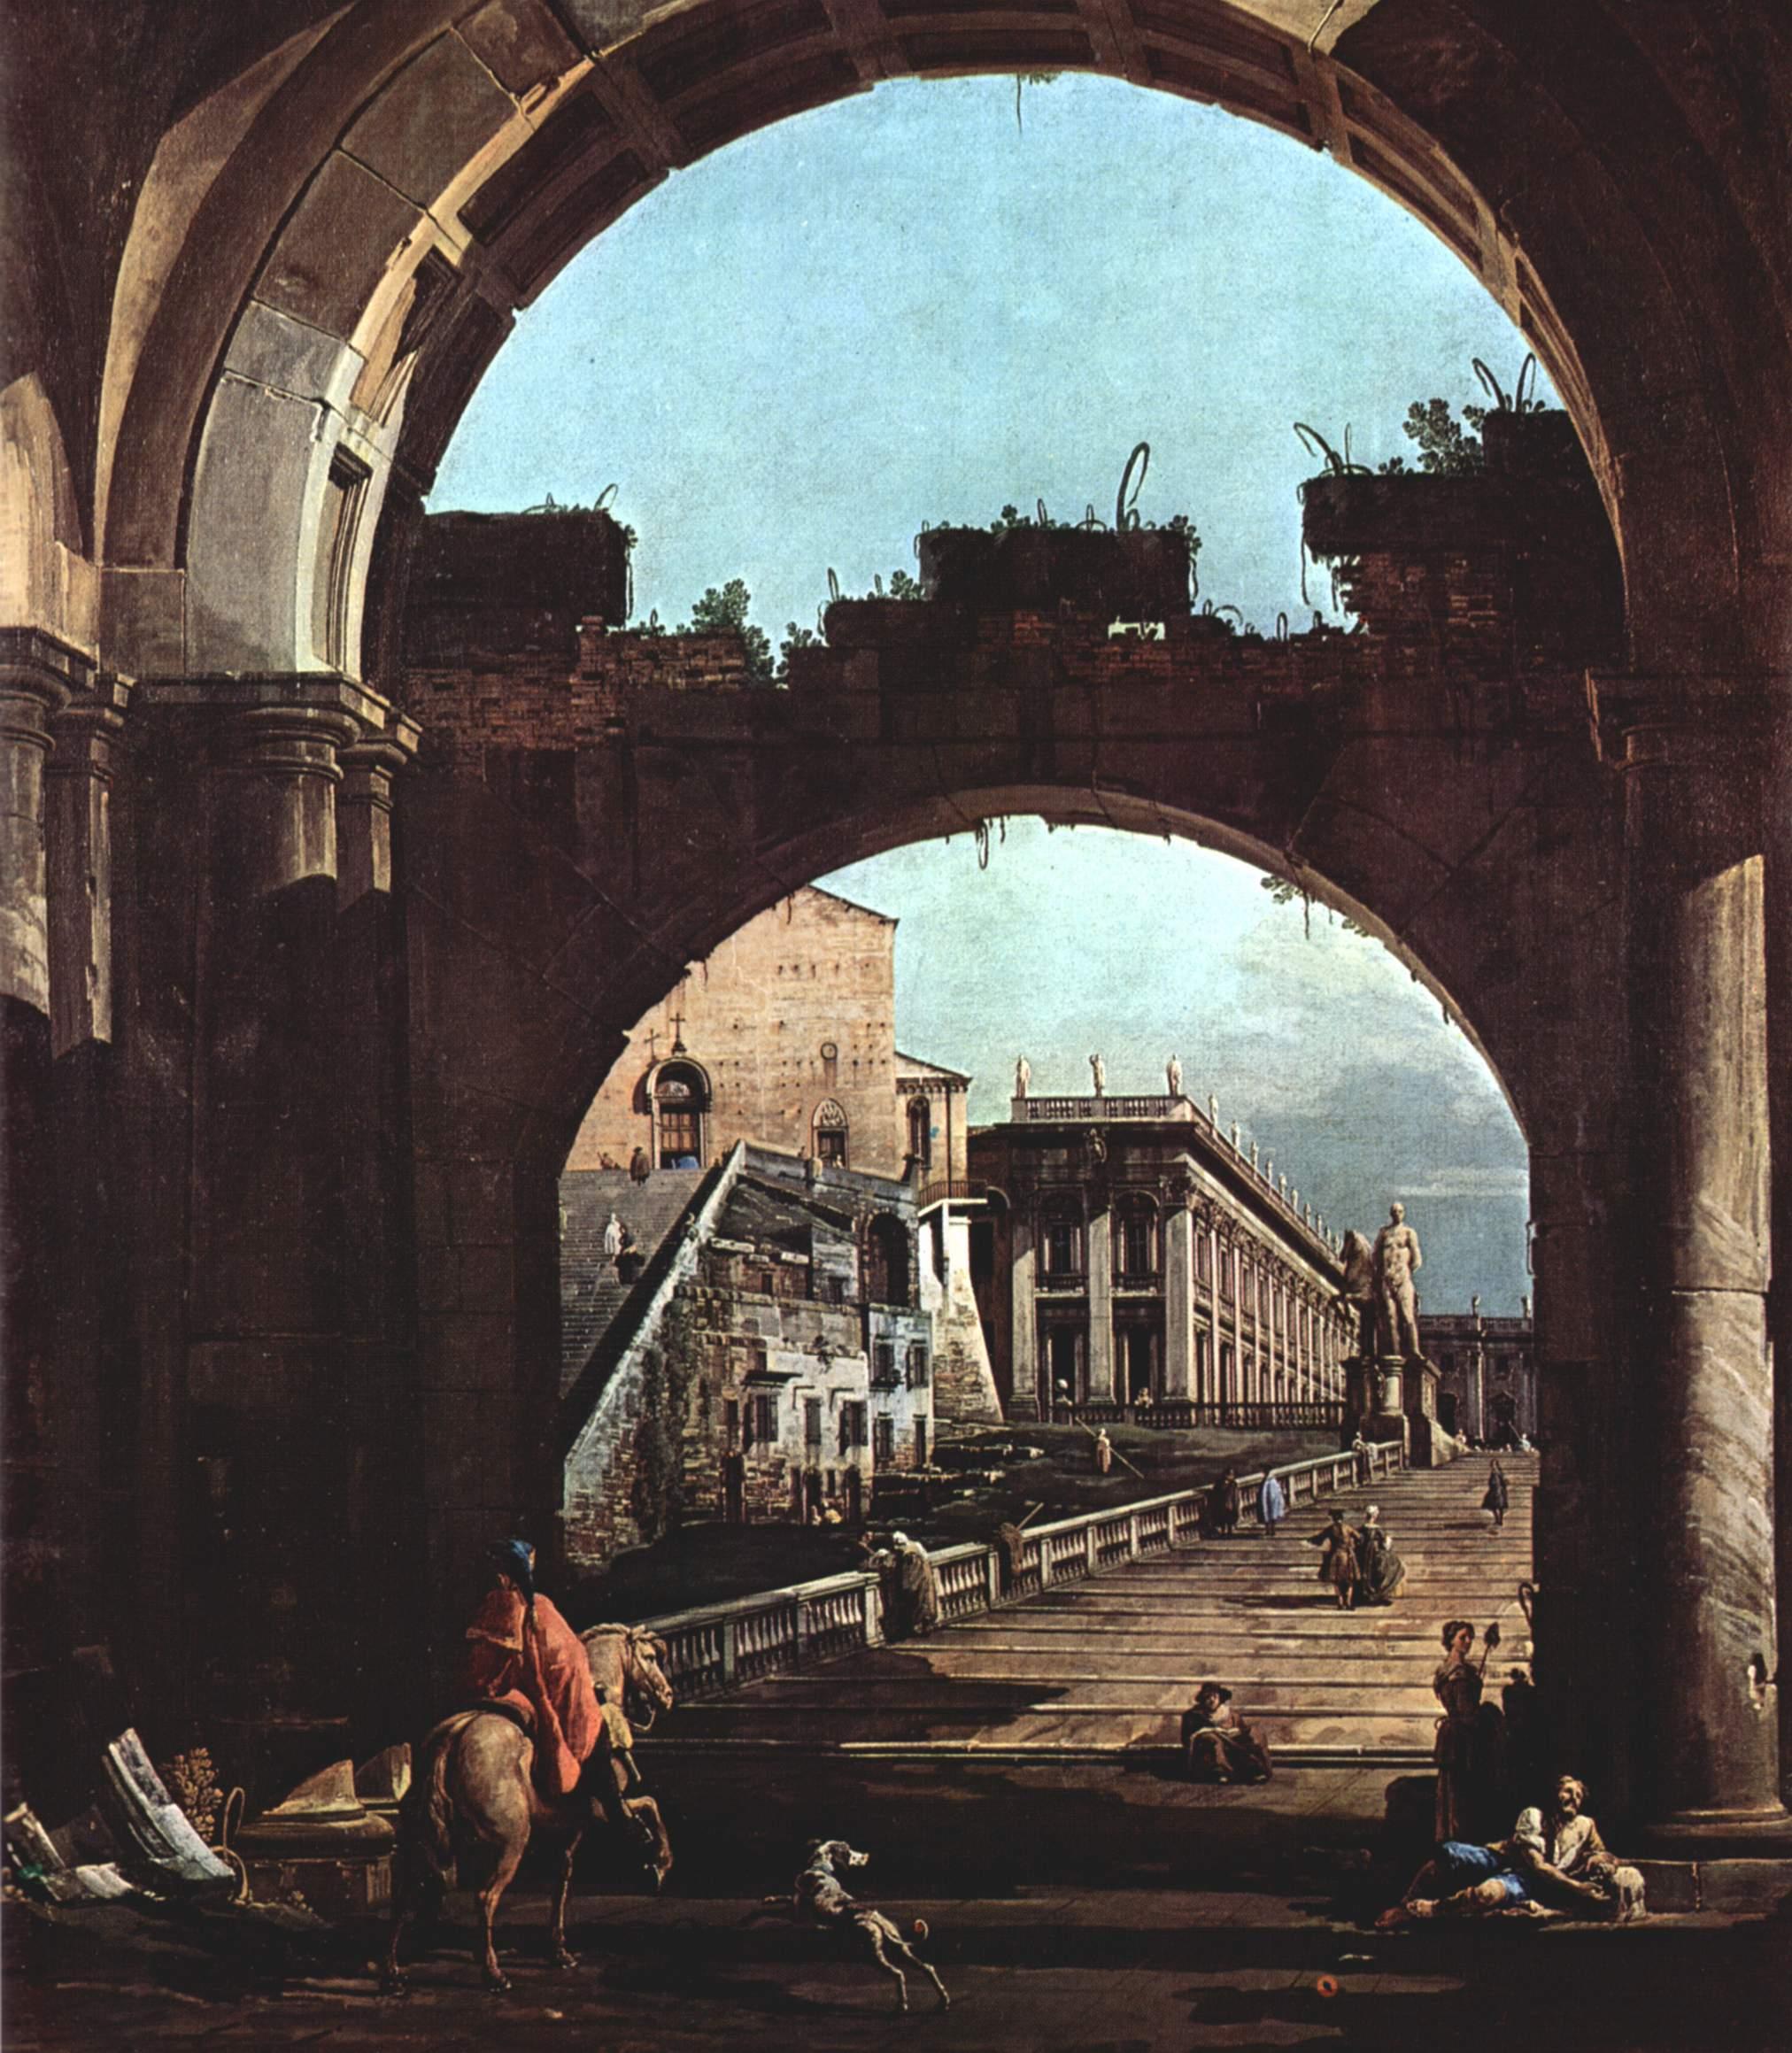 Римское каприччио, Капитолий, Джованни Антонио Каналетто 1